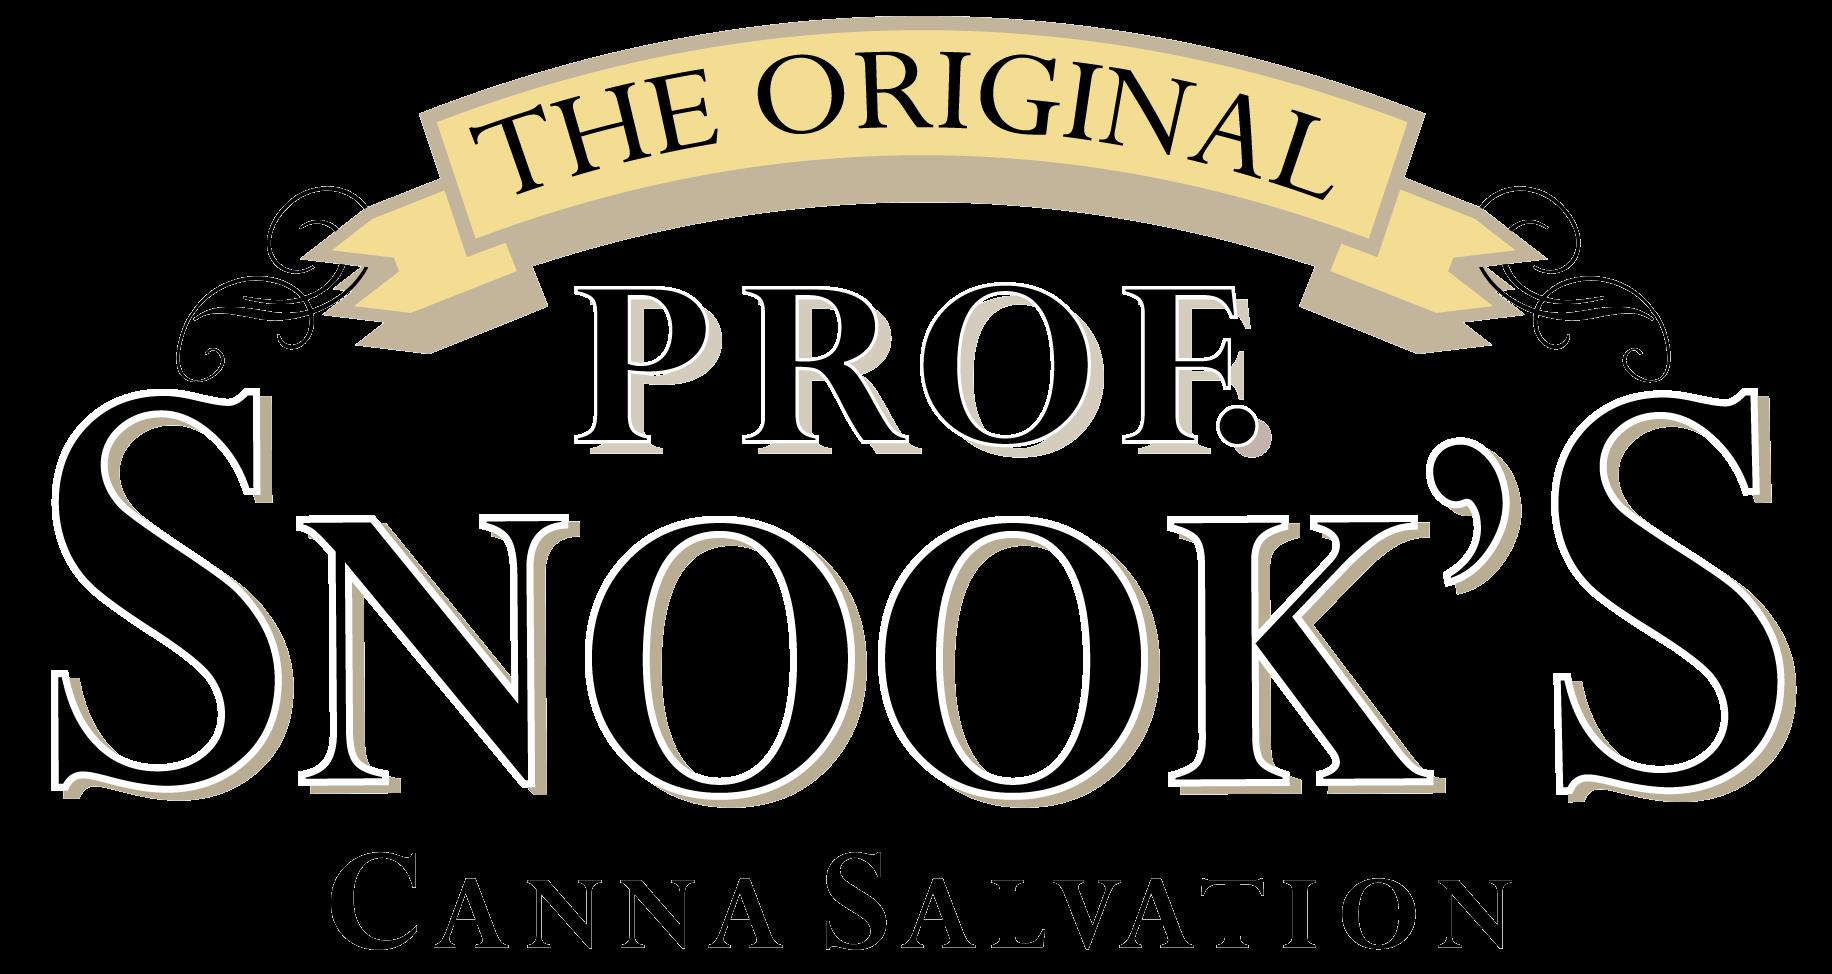 Prof.Snook_Logo.png